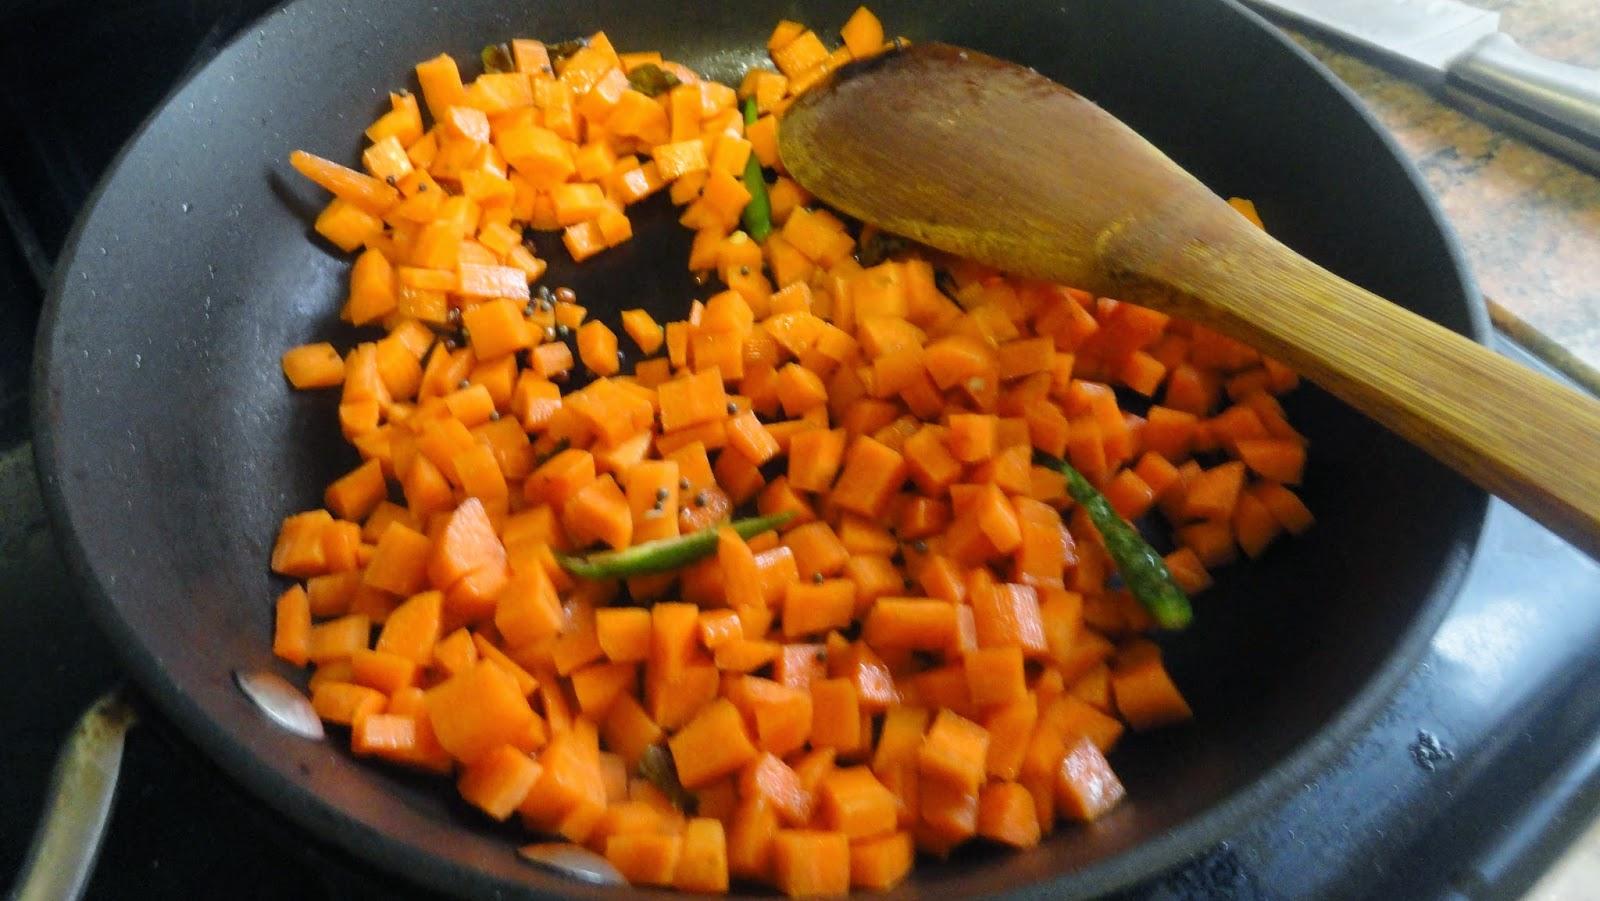 saute carrots